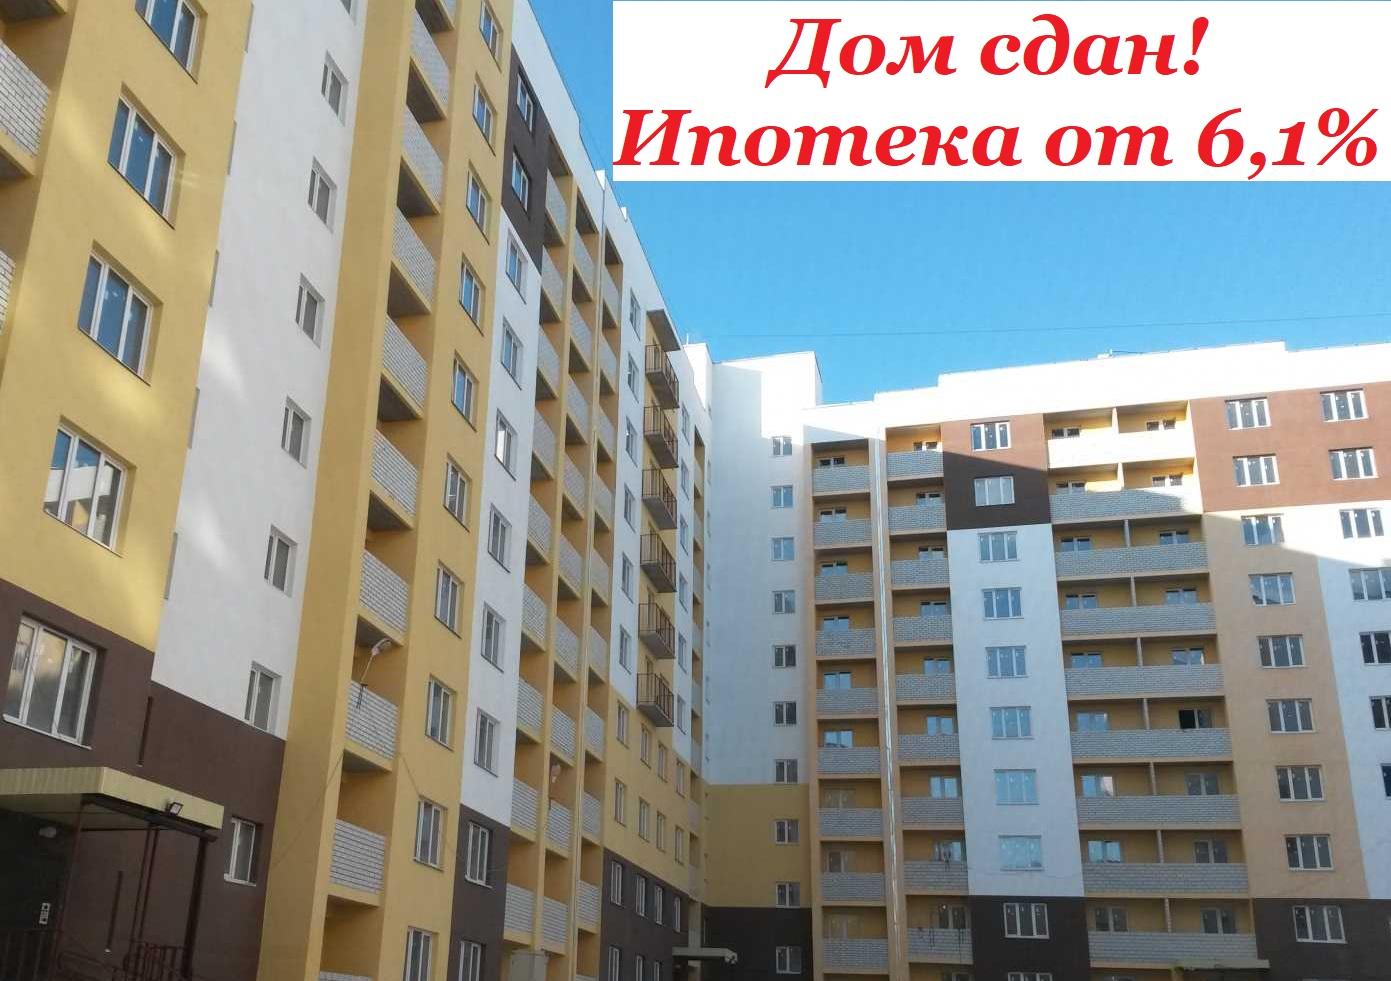 Продам 1-комнатную квартиру в городе Саратов, на улице Миллеровская,  15, 1-этаж 10-этажного кирпичный дома, площадь: 37.65/15/10.9 м2